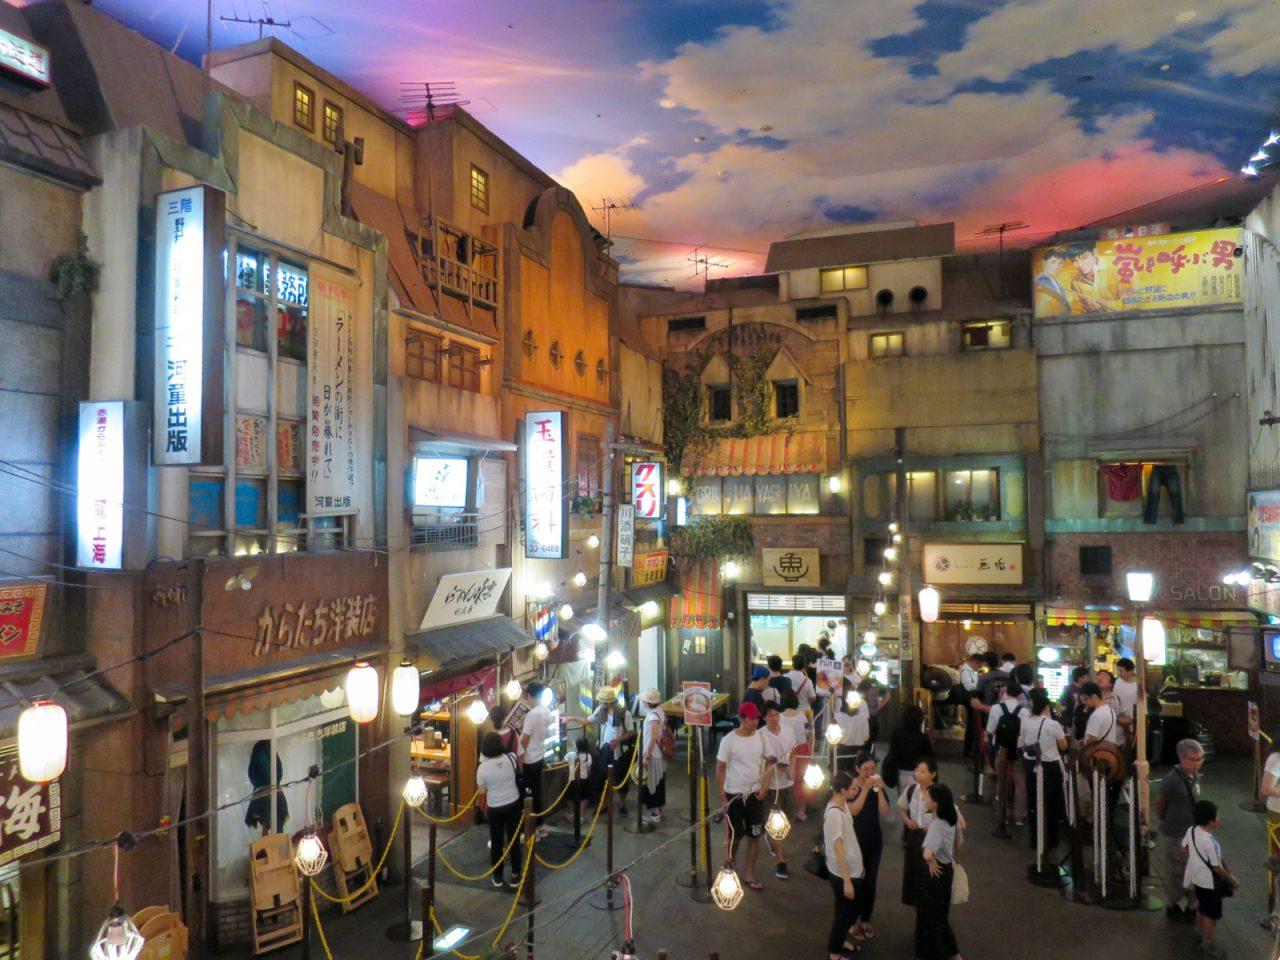 ラーメン博物館の地下2階